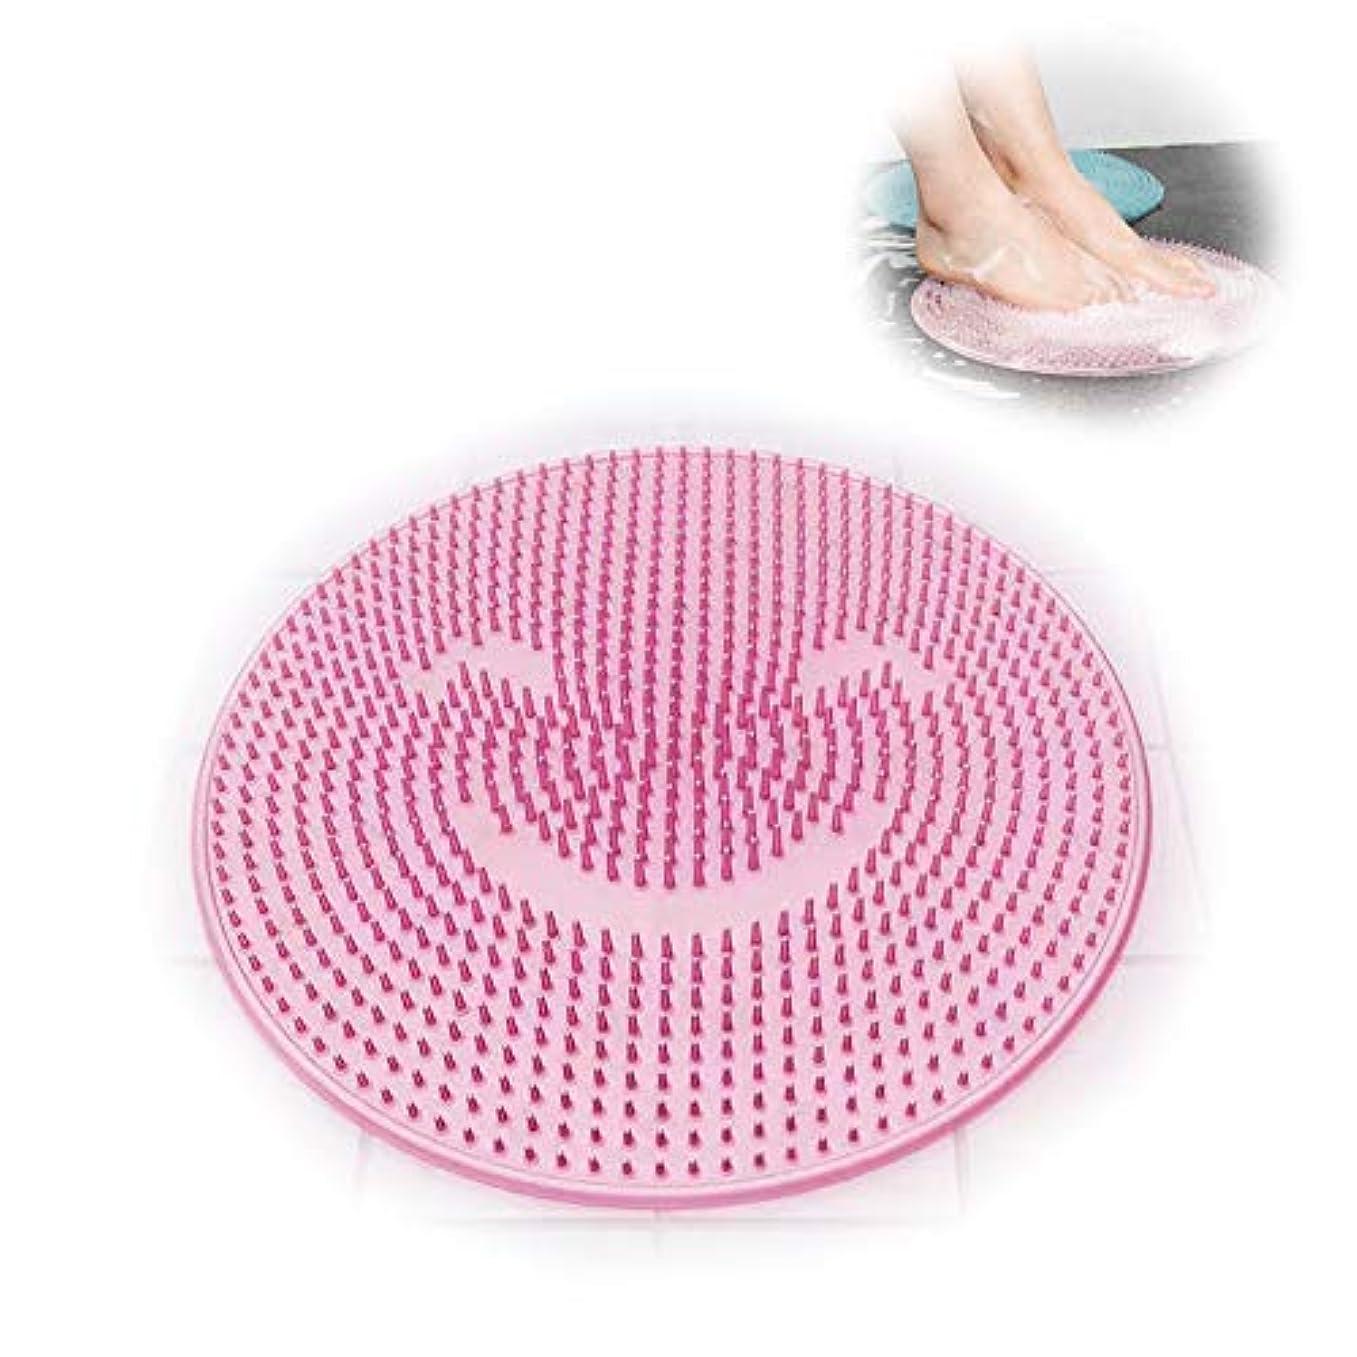 ほとんどないアナログとんでもないSHOOTING 足洗い用 バスマット 足洗いマット フット 汚れ角質除去 ストレス解消 (ピンク)